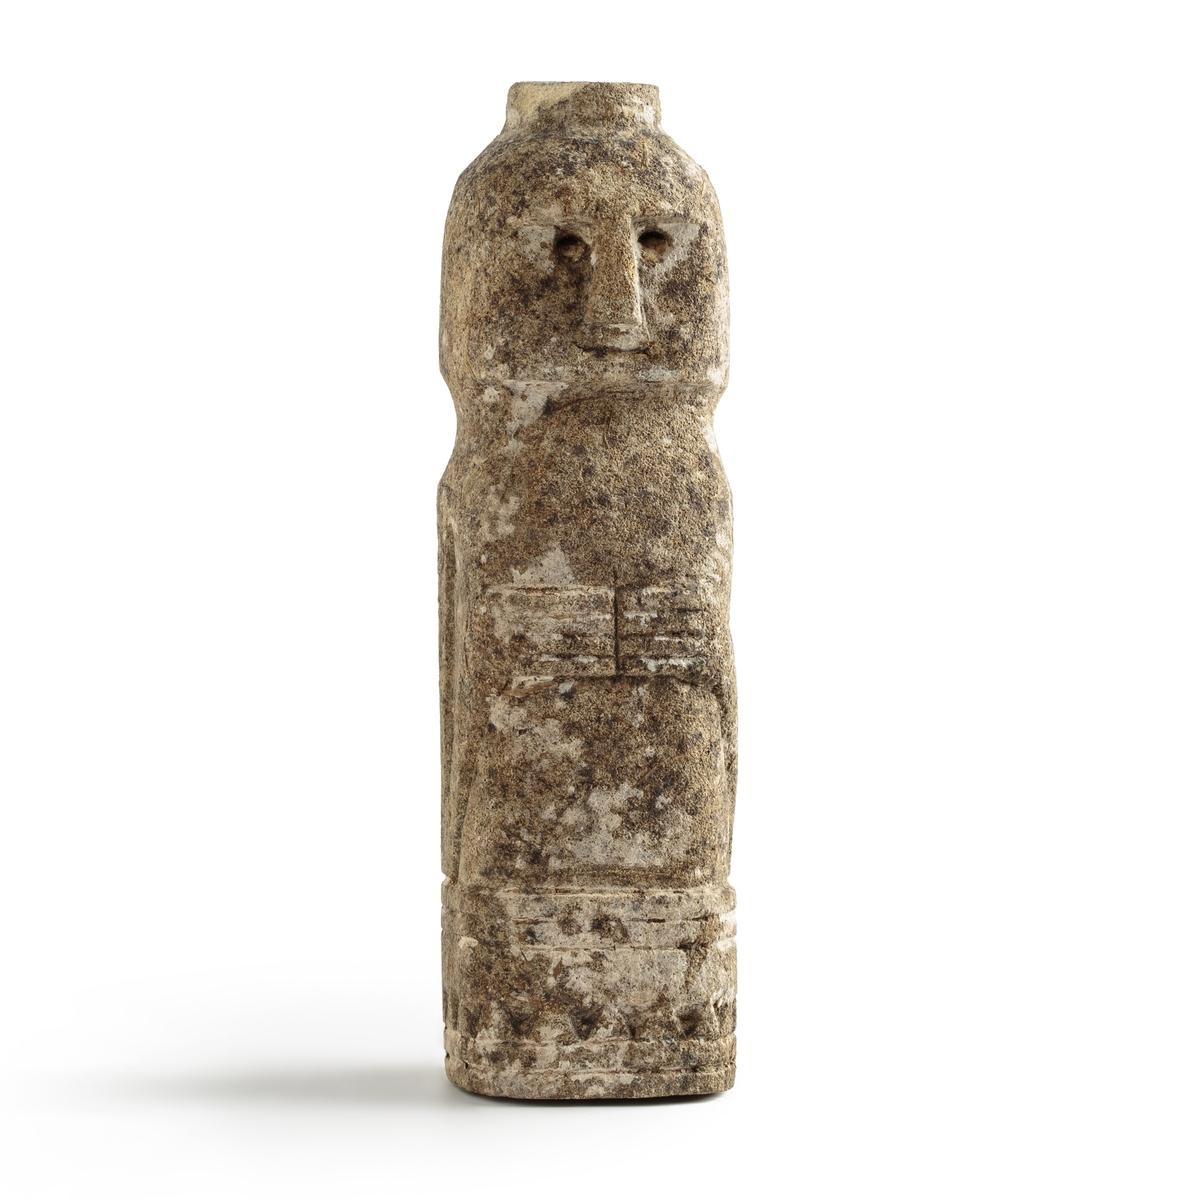 Статуэтка из камня модель.1 Sumatra статуэтки veronese статуэтка индеец с копьем и щитом